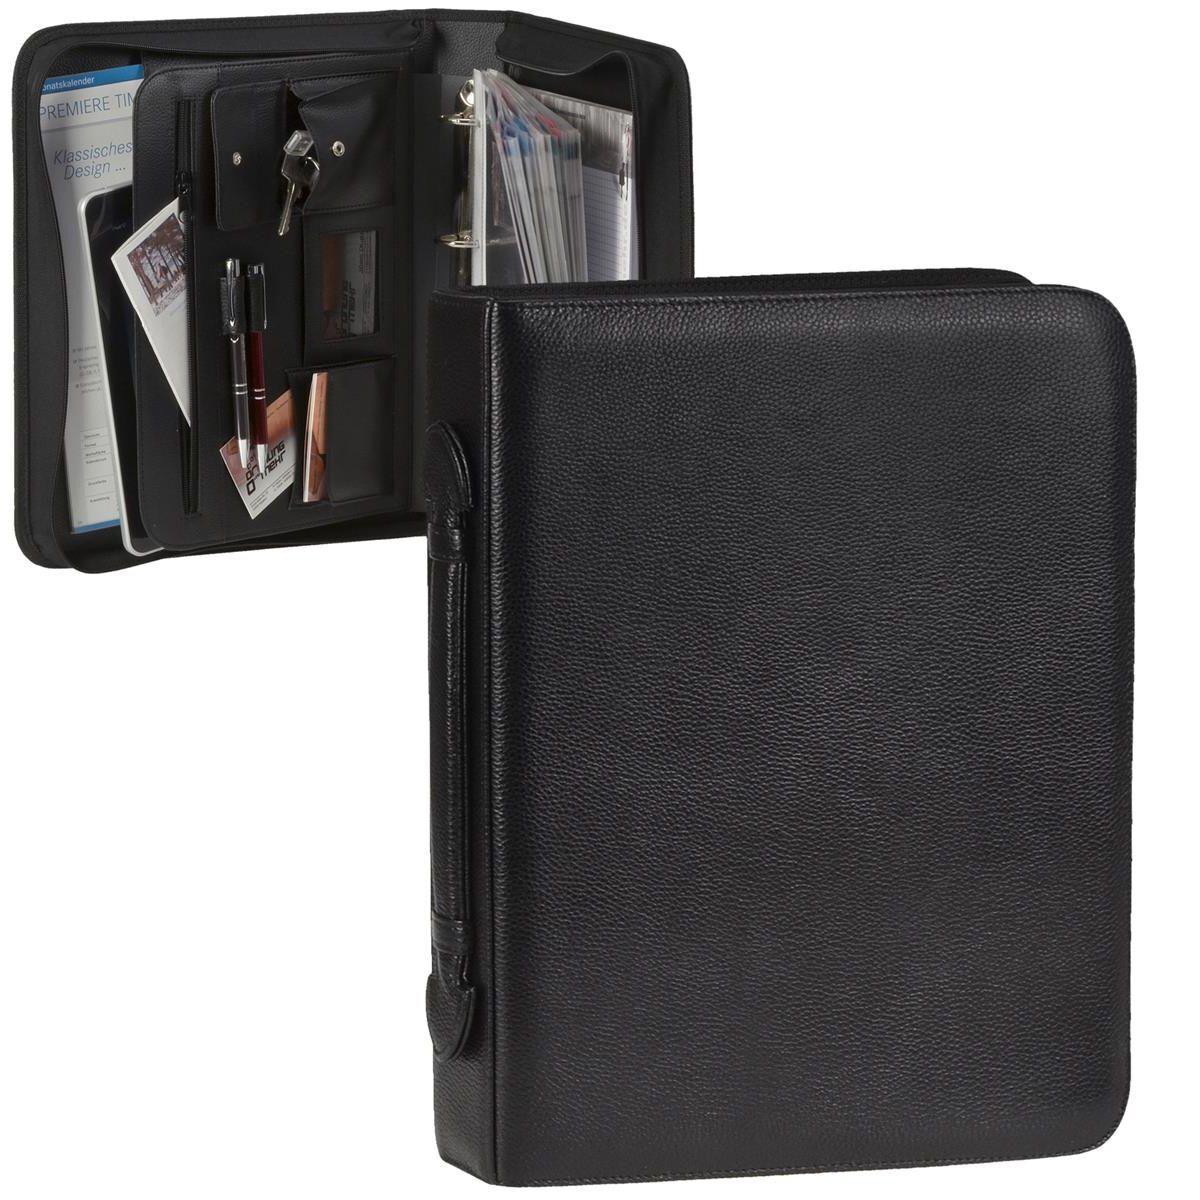 Dermata Leder Konferenzmappe Ringbuchmappe 30mm Schreibmappe+Visitenkartenhüllen | Elegant  | Ästhetisches Aussehen  | Elegant